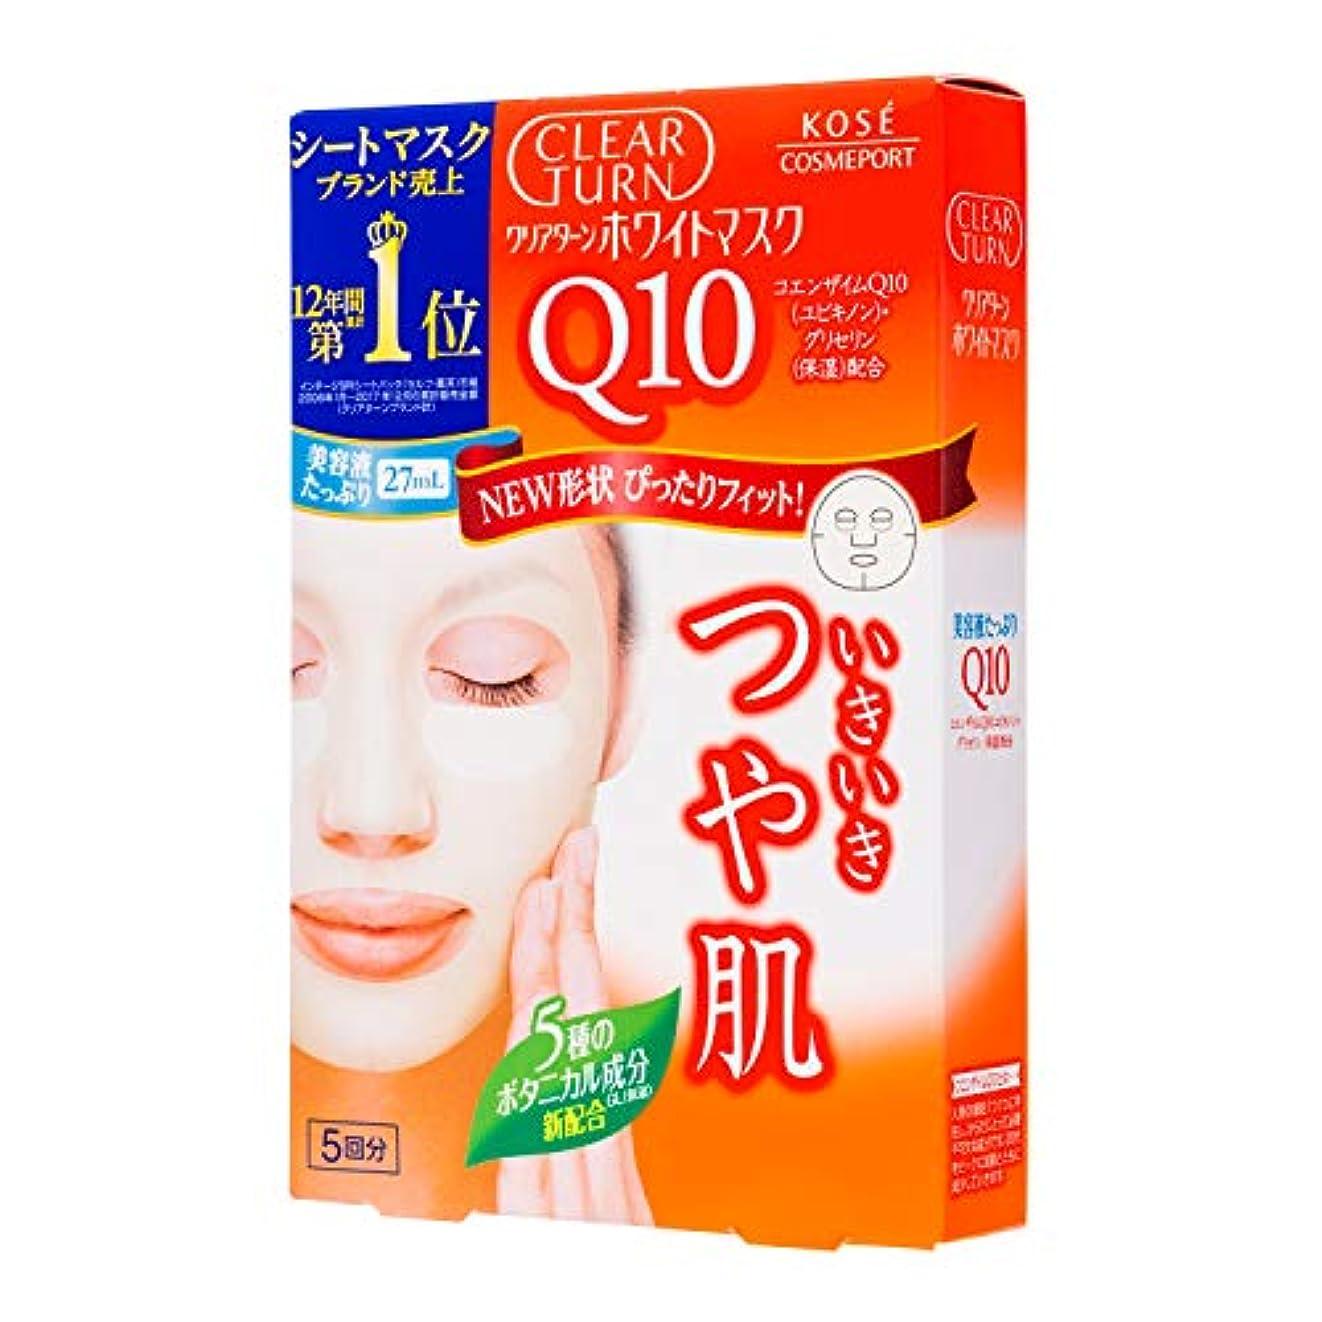 左炎上リフレッシュクリアターン ホワイト マスク Q10 c (コエンザイムQ10) 5回分